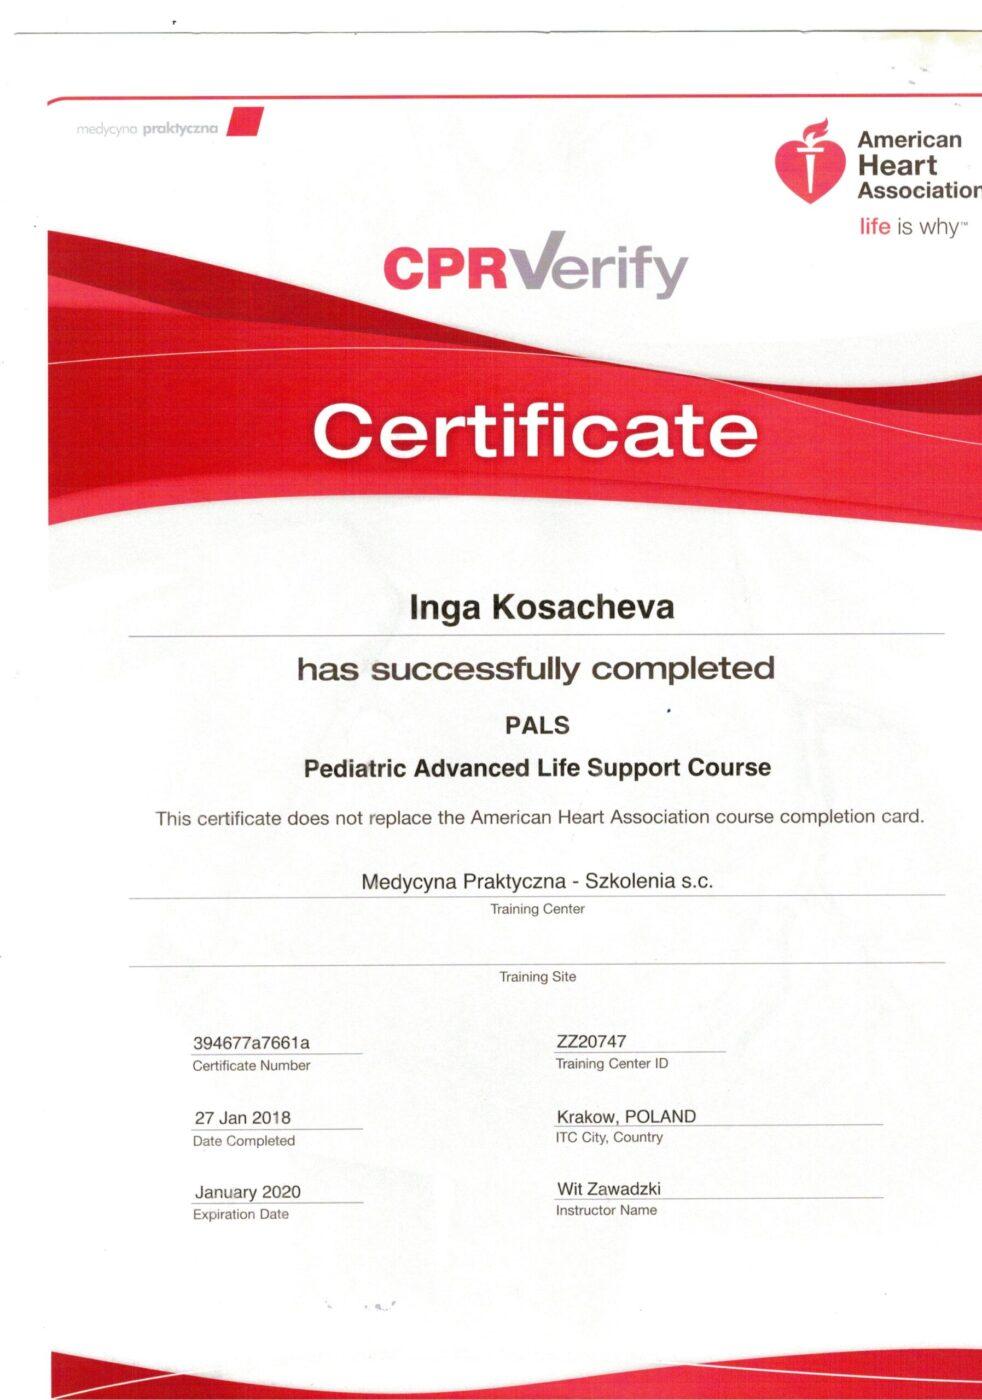 Сертификат подтверждающий участие Косачевой Инги в курсе PALS